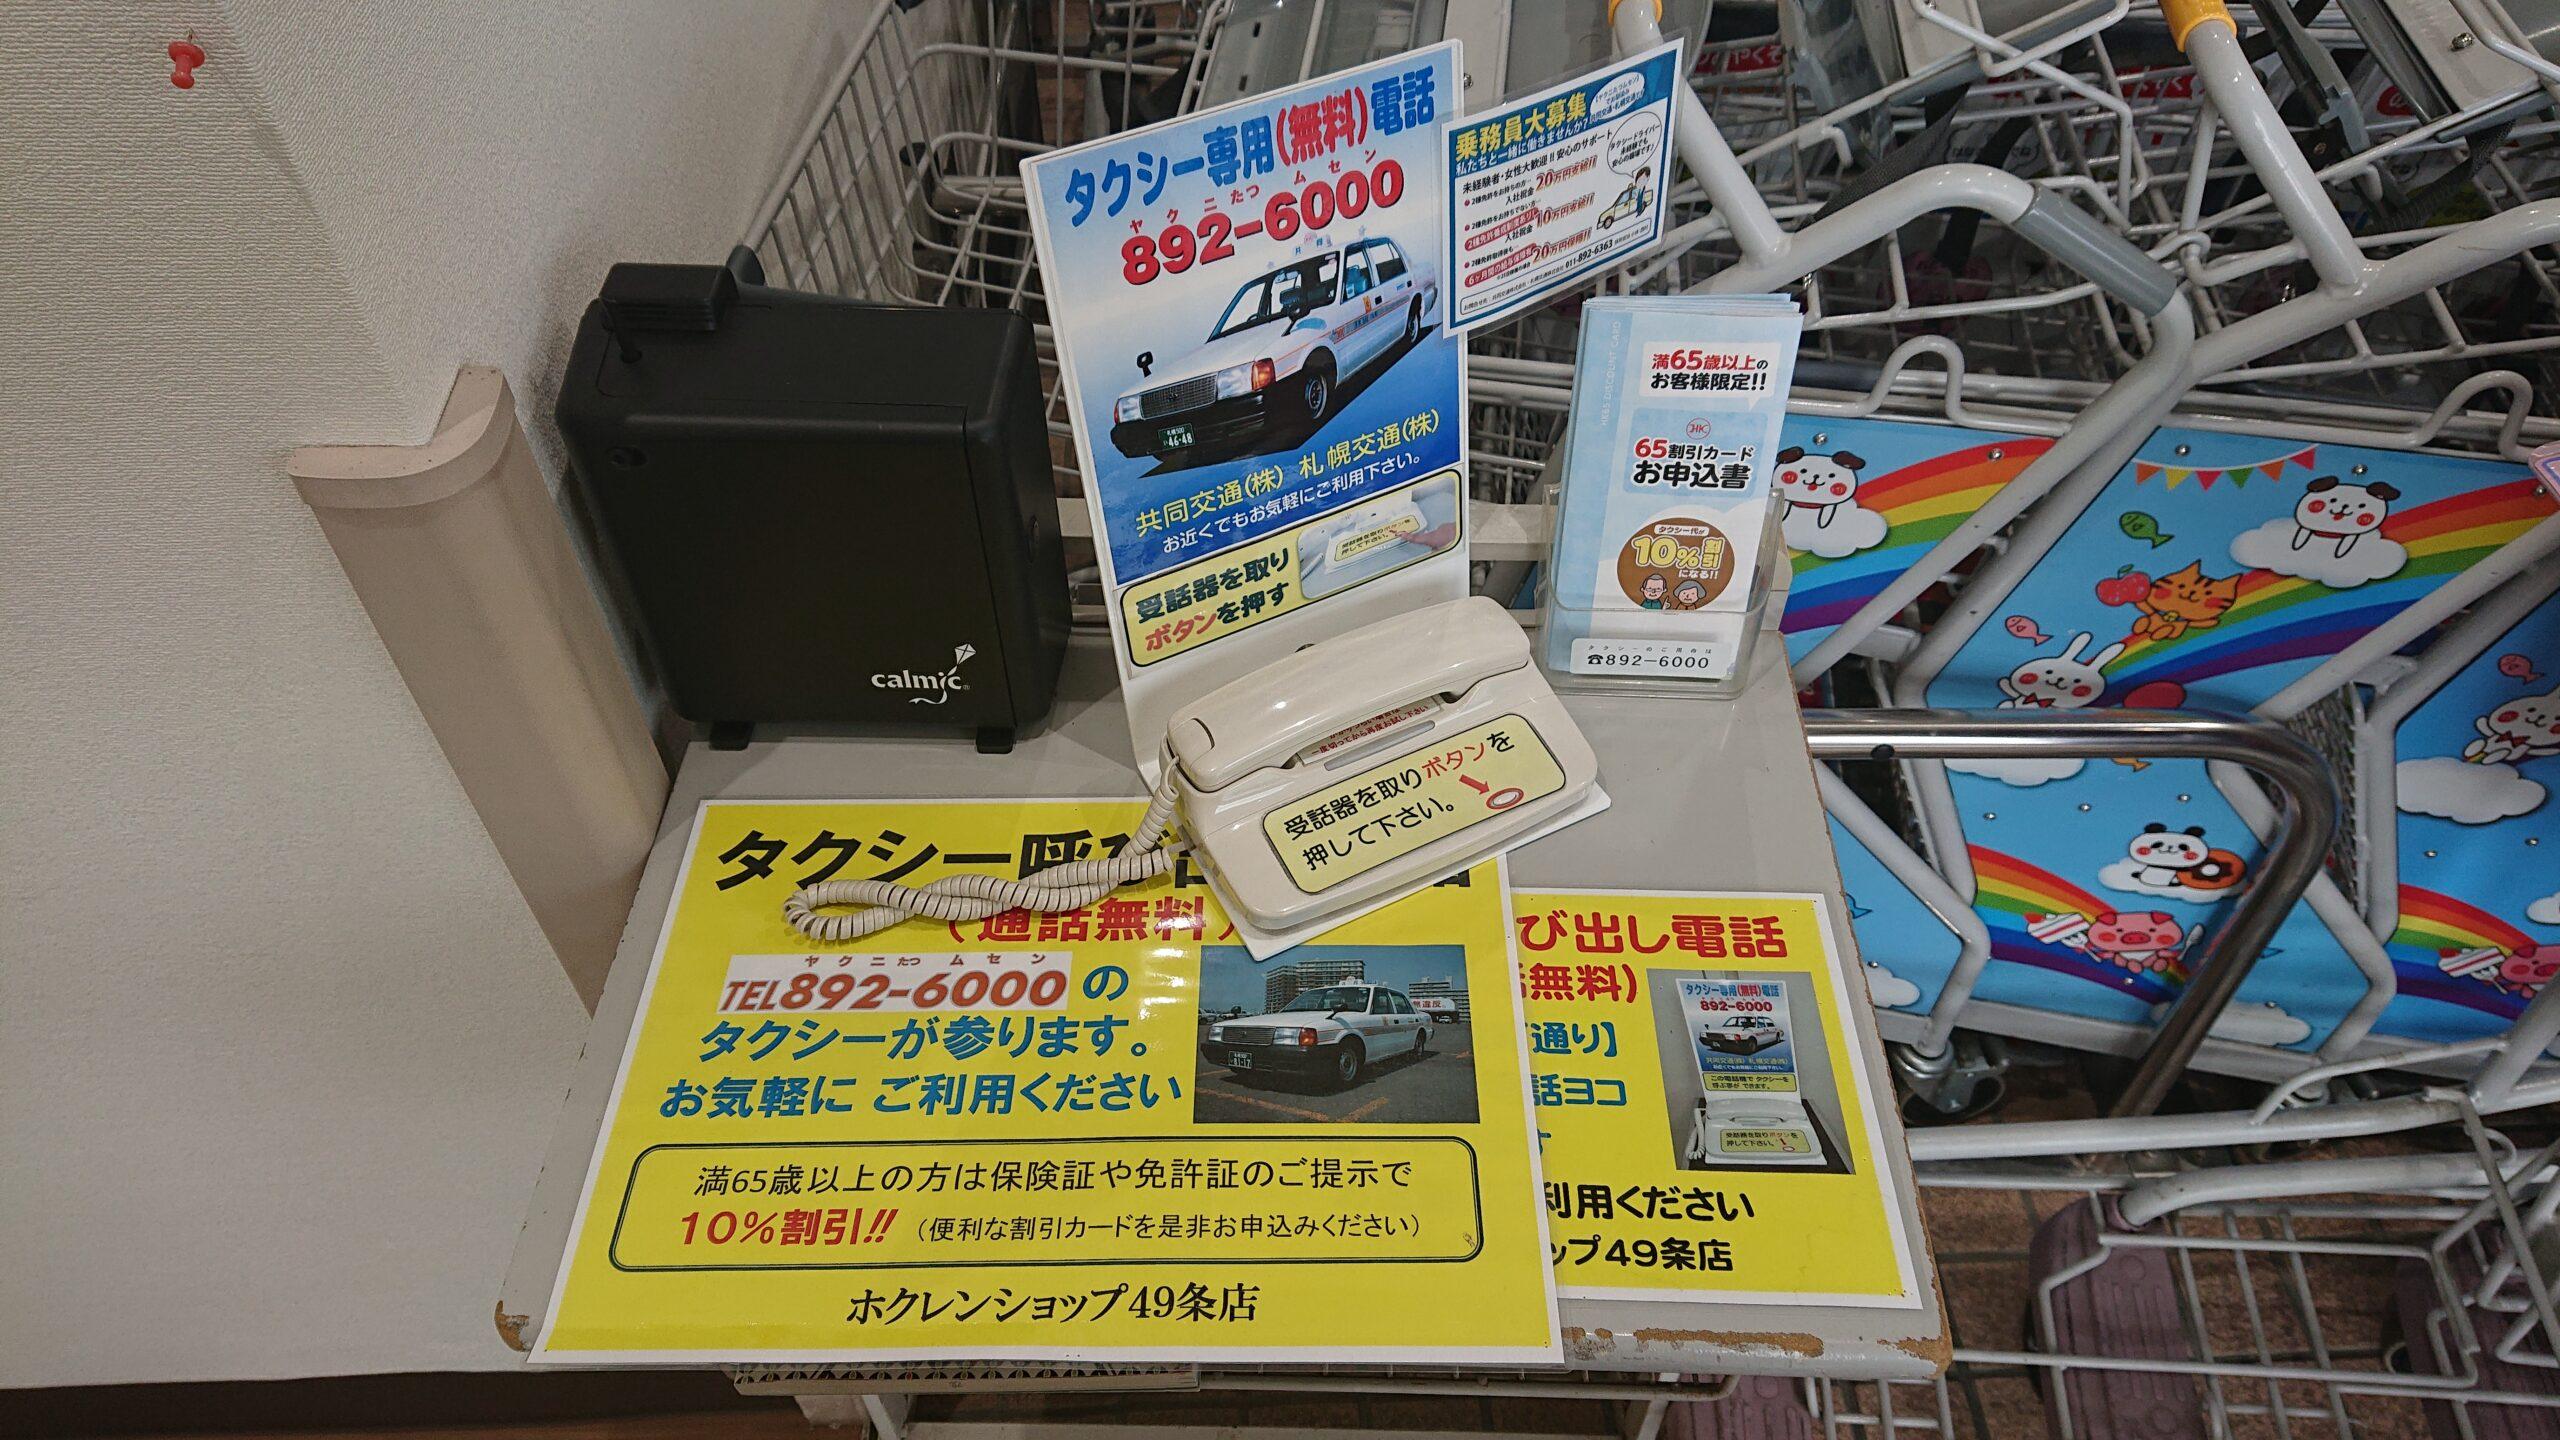 「共同交通」「札幌交通」のタクシー呼び出し専用電話